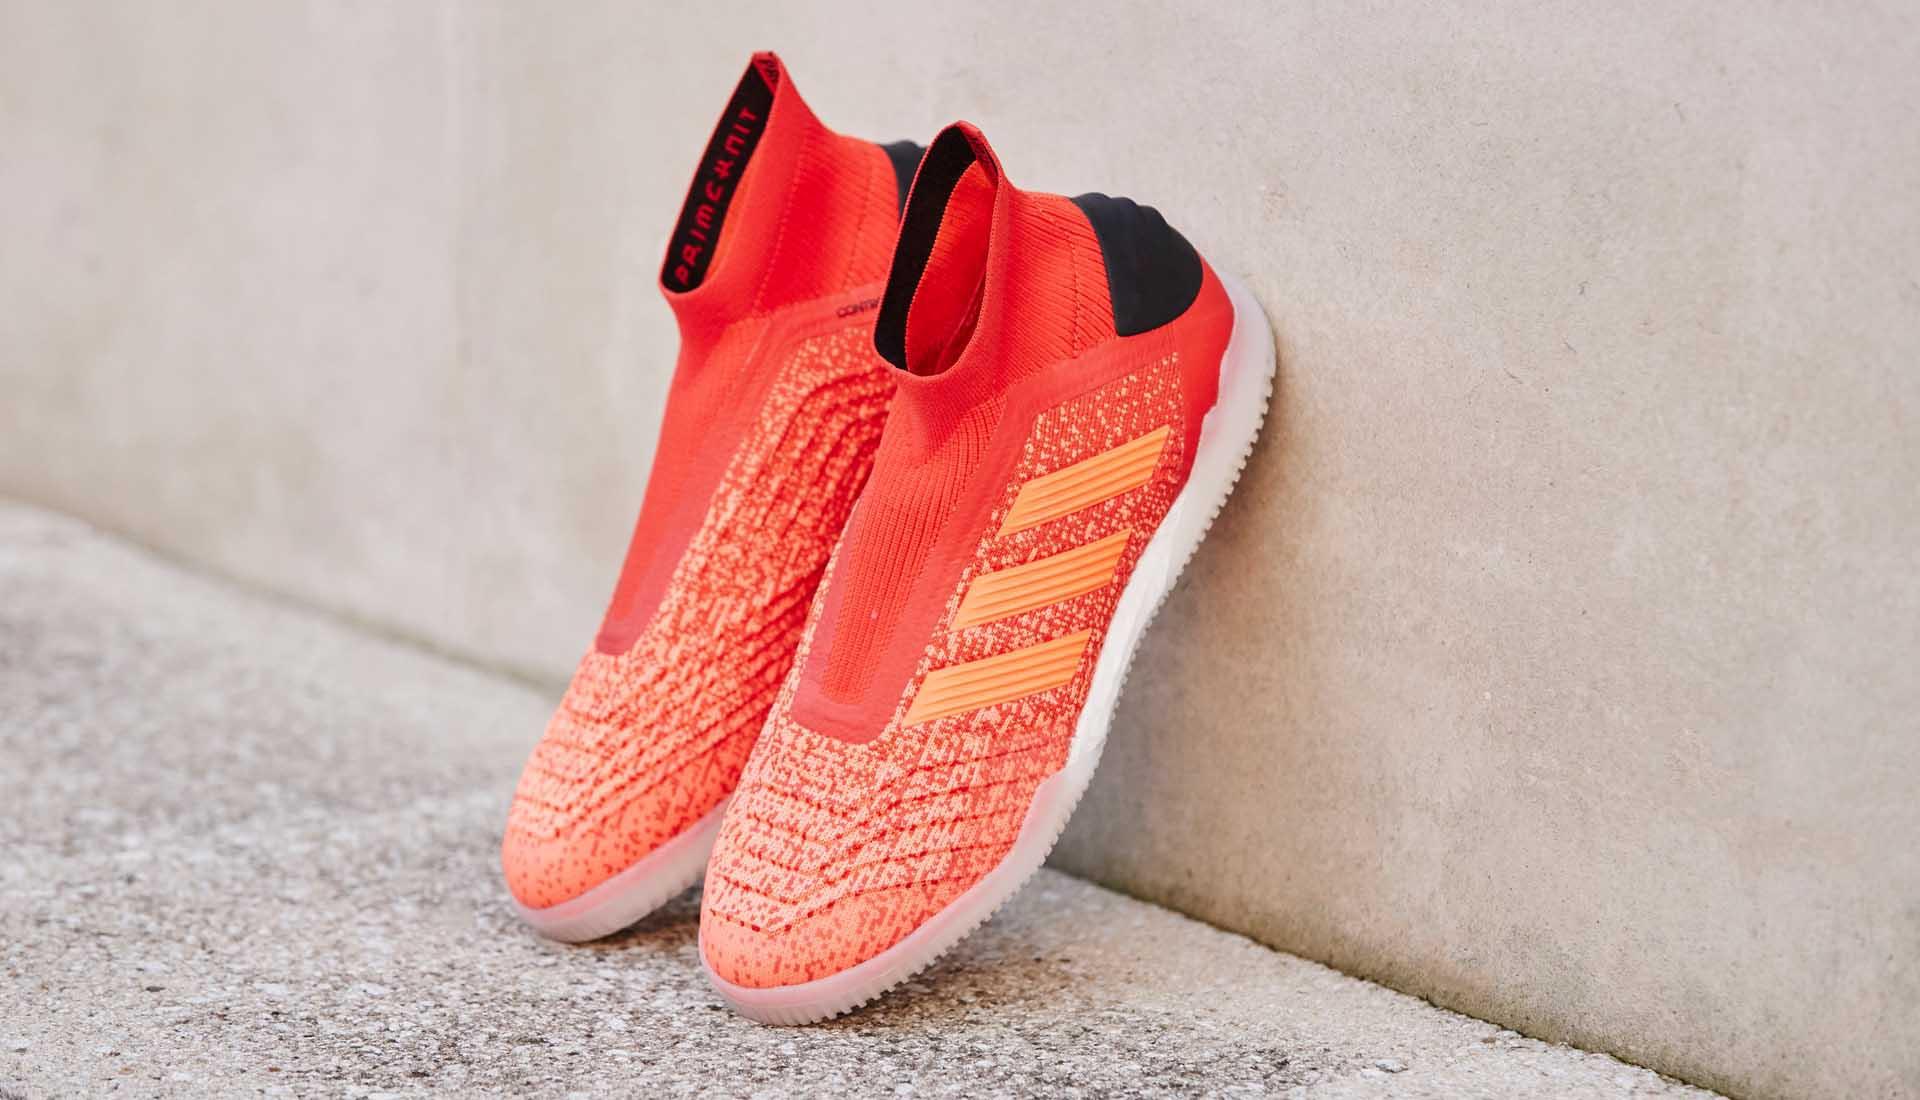 Giày đá bóng cổ cao thường có lưỡi gà vải thun thoát nhiệt tốt hơn